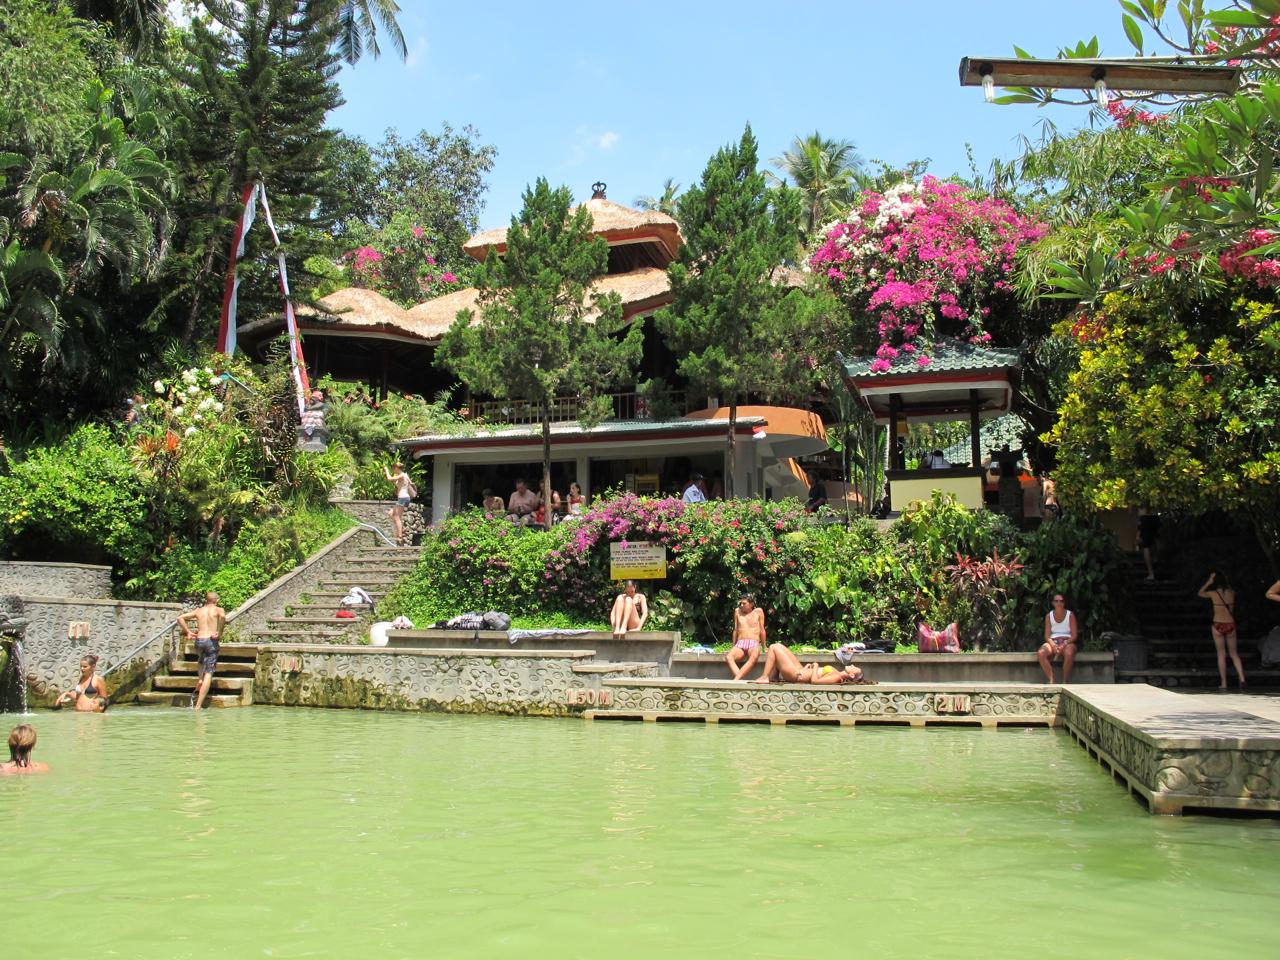 Die heissen Quellen von Banjar sind ein beliebtes Reiseziel für Spa-Reisende.